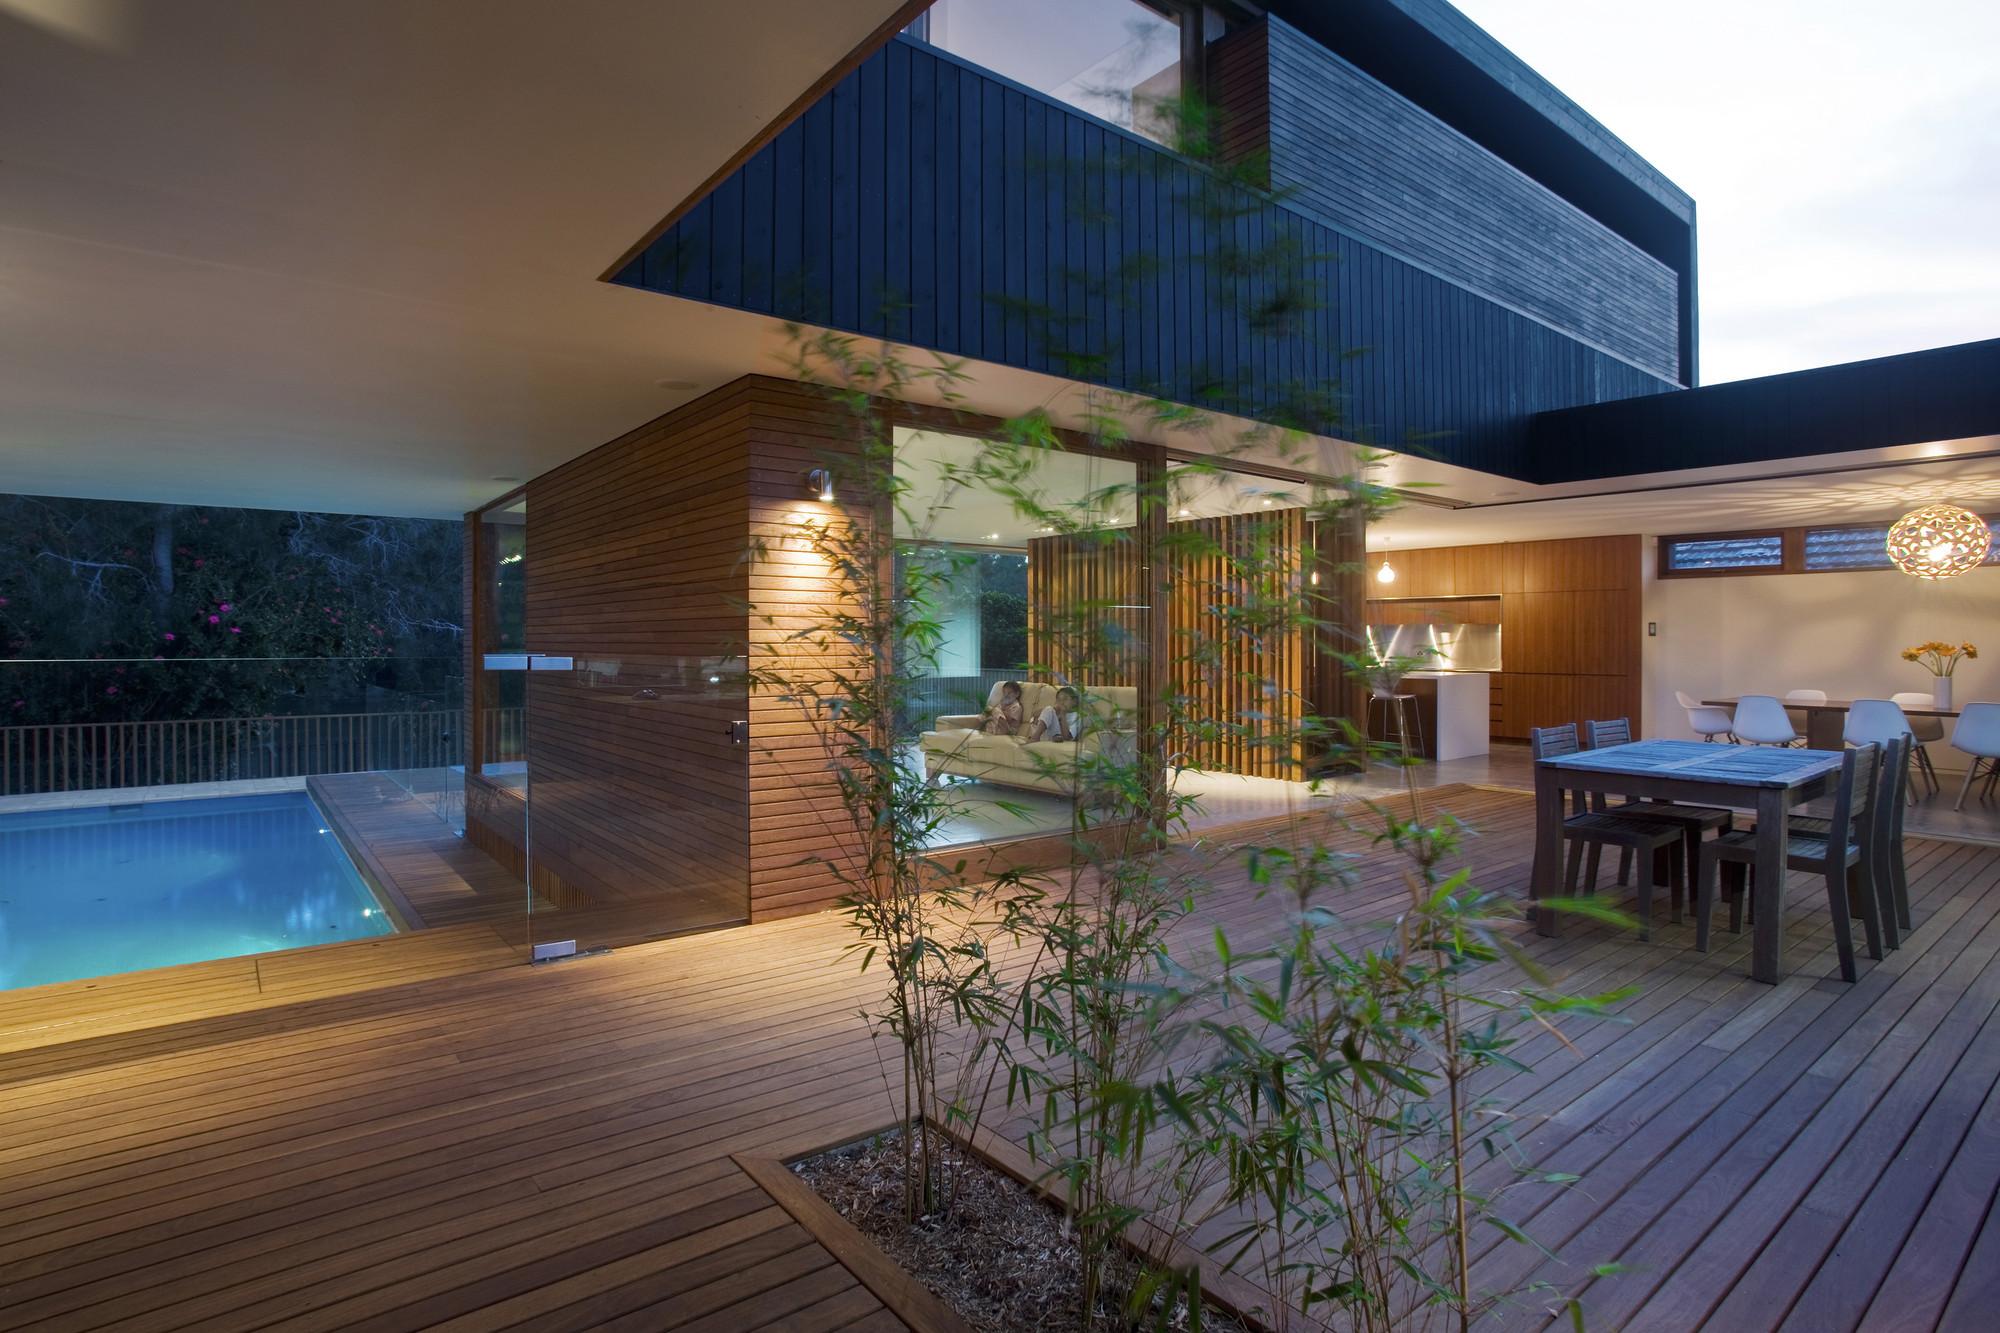 Casa narrabeen chrofi archdaily m xico for Casa moderna con jardin interior